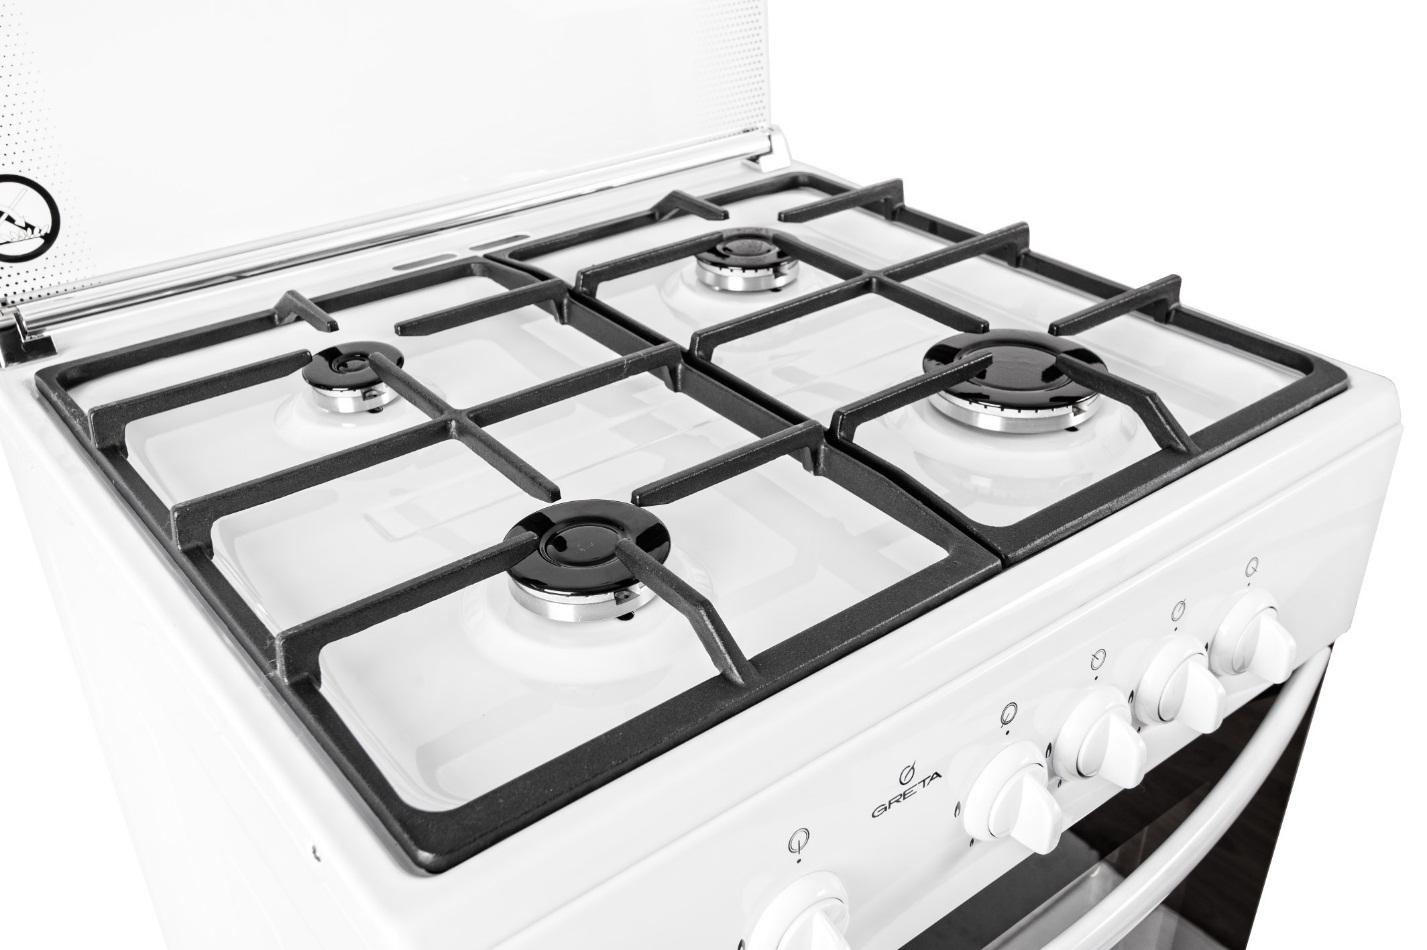 Чистка решетки газовой плиты от жира – лучшие способы